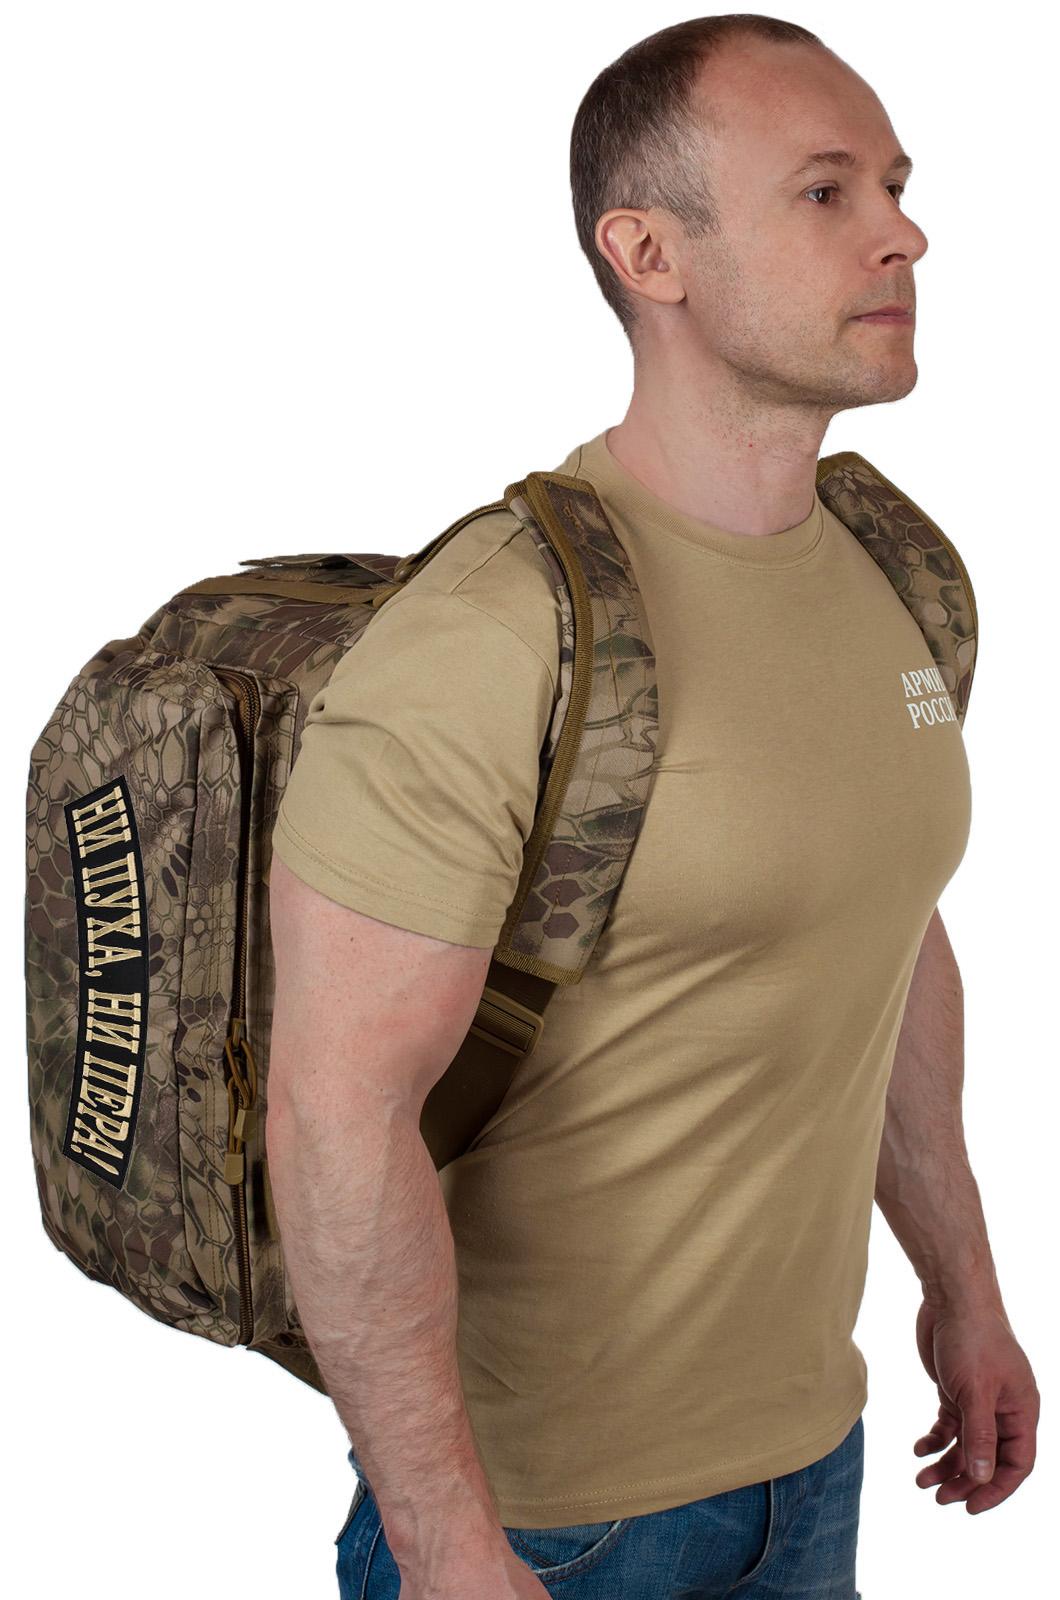 Заплечная тактическая сумка Ни пуха, Ни пера - заказать в розницу